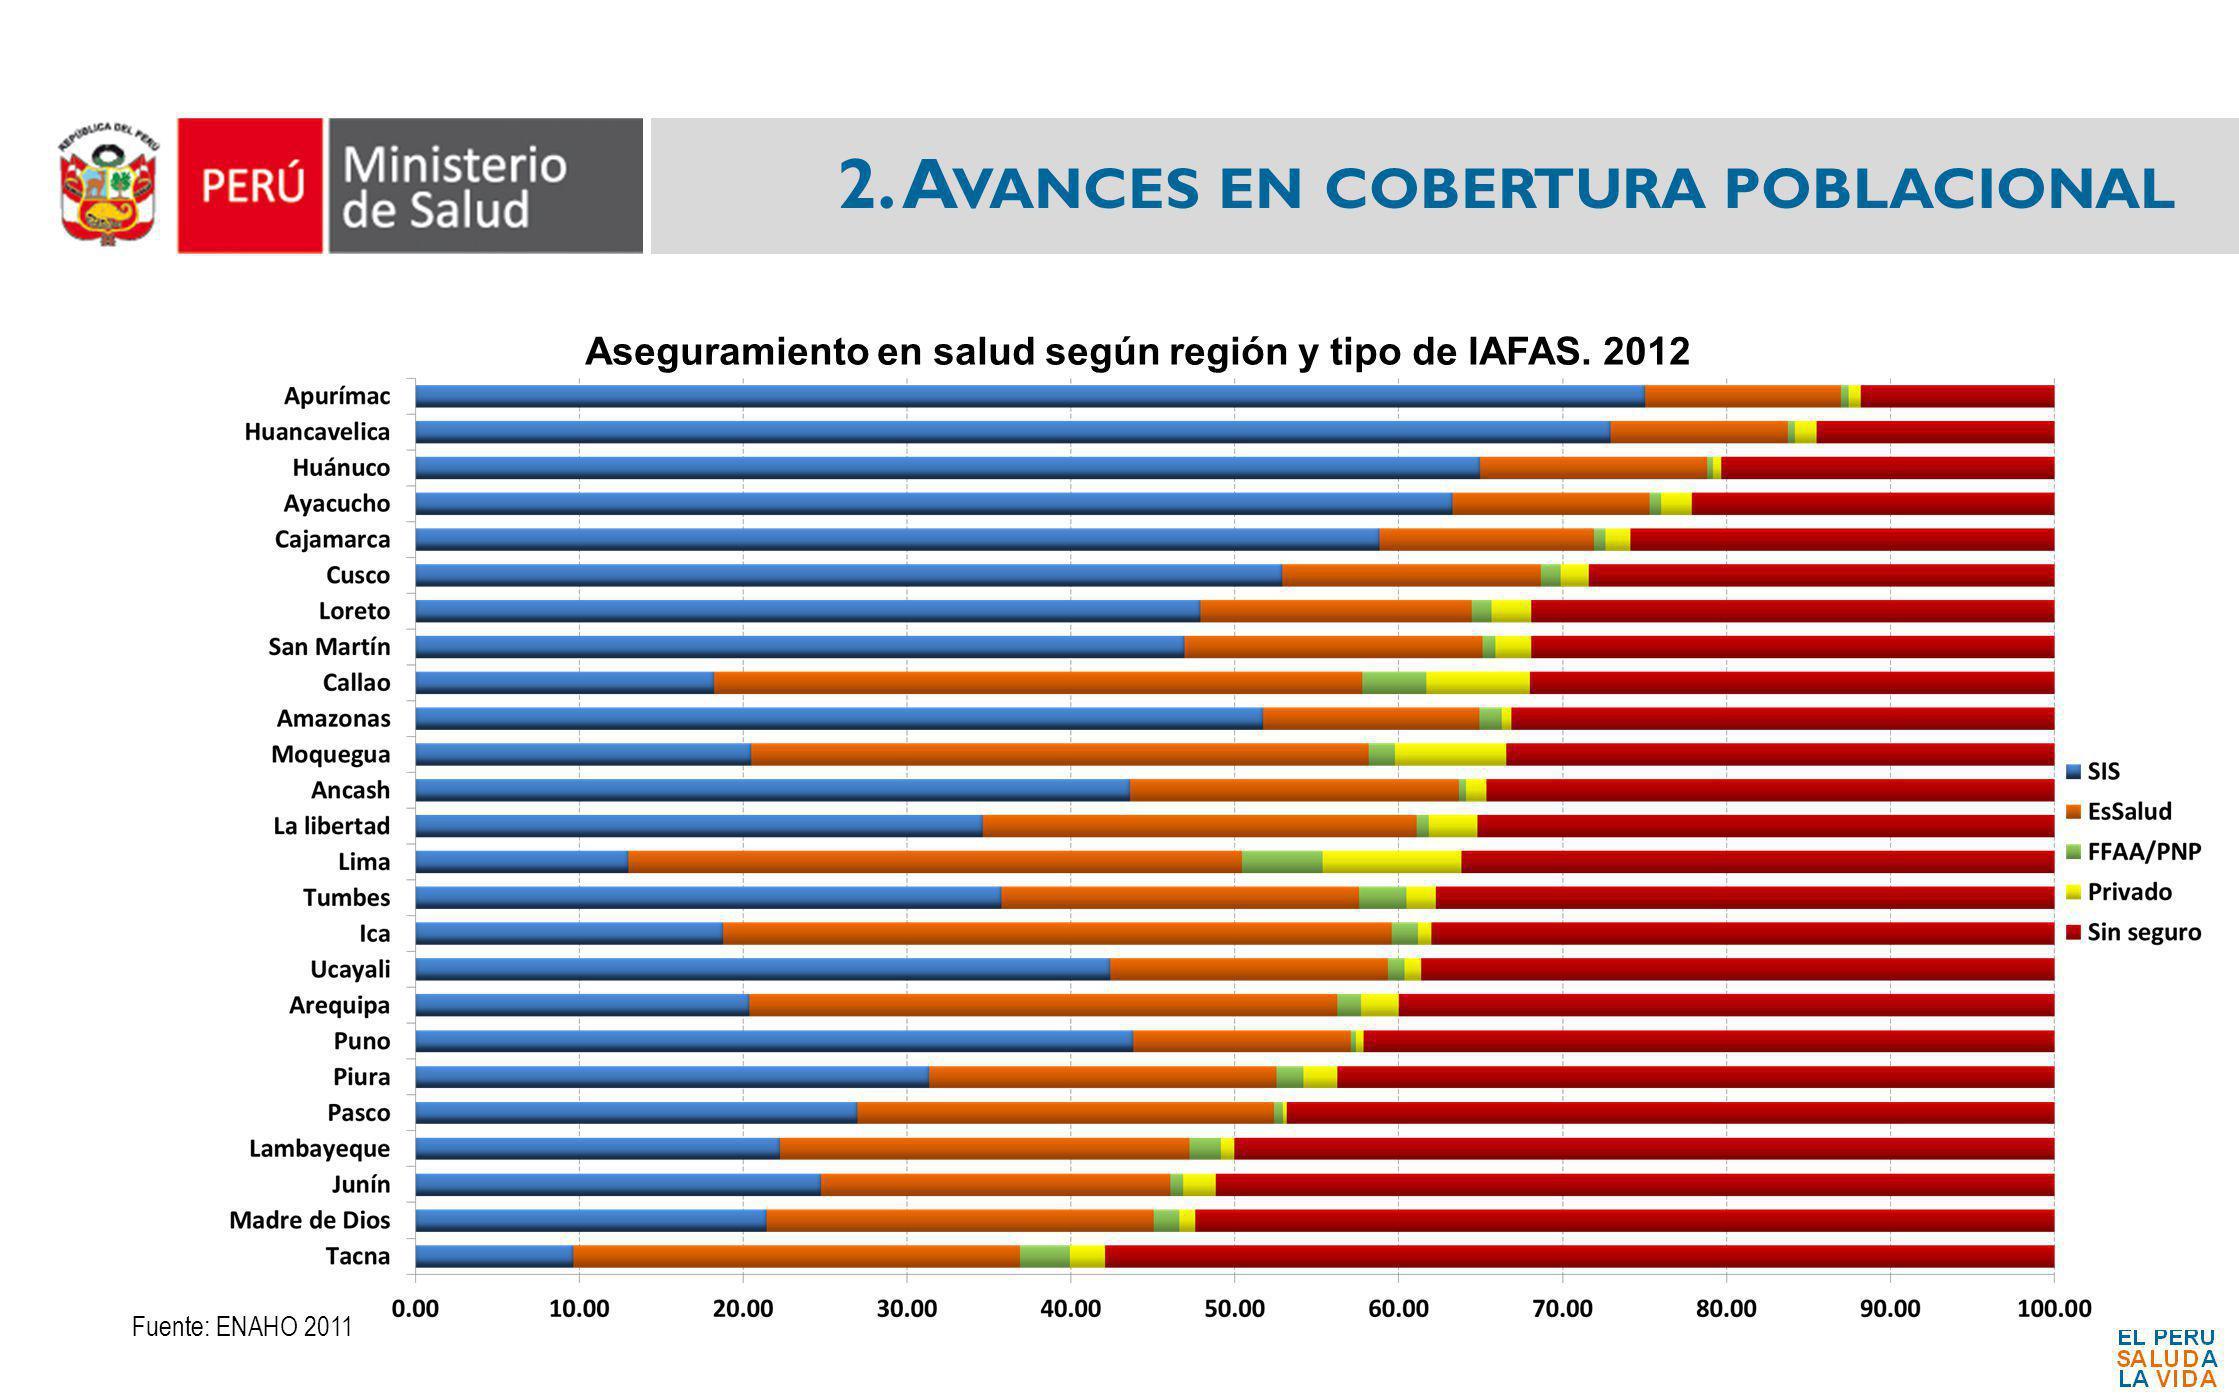 2. A VANCES EN COBERTURA POBLACIONAL Fuente: ENAHO 2011 Aseguramiento en salud según región y tipo de IAFAS. 2012